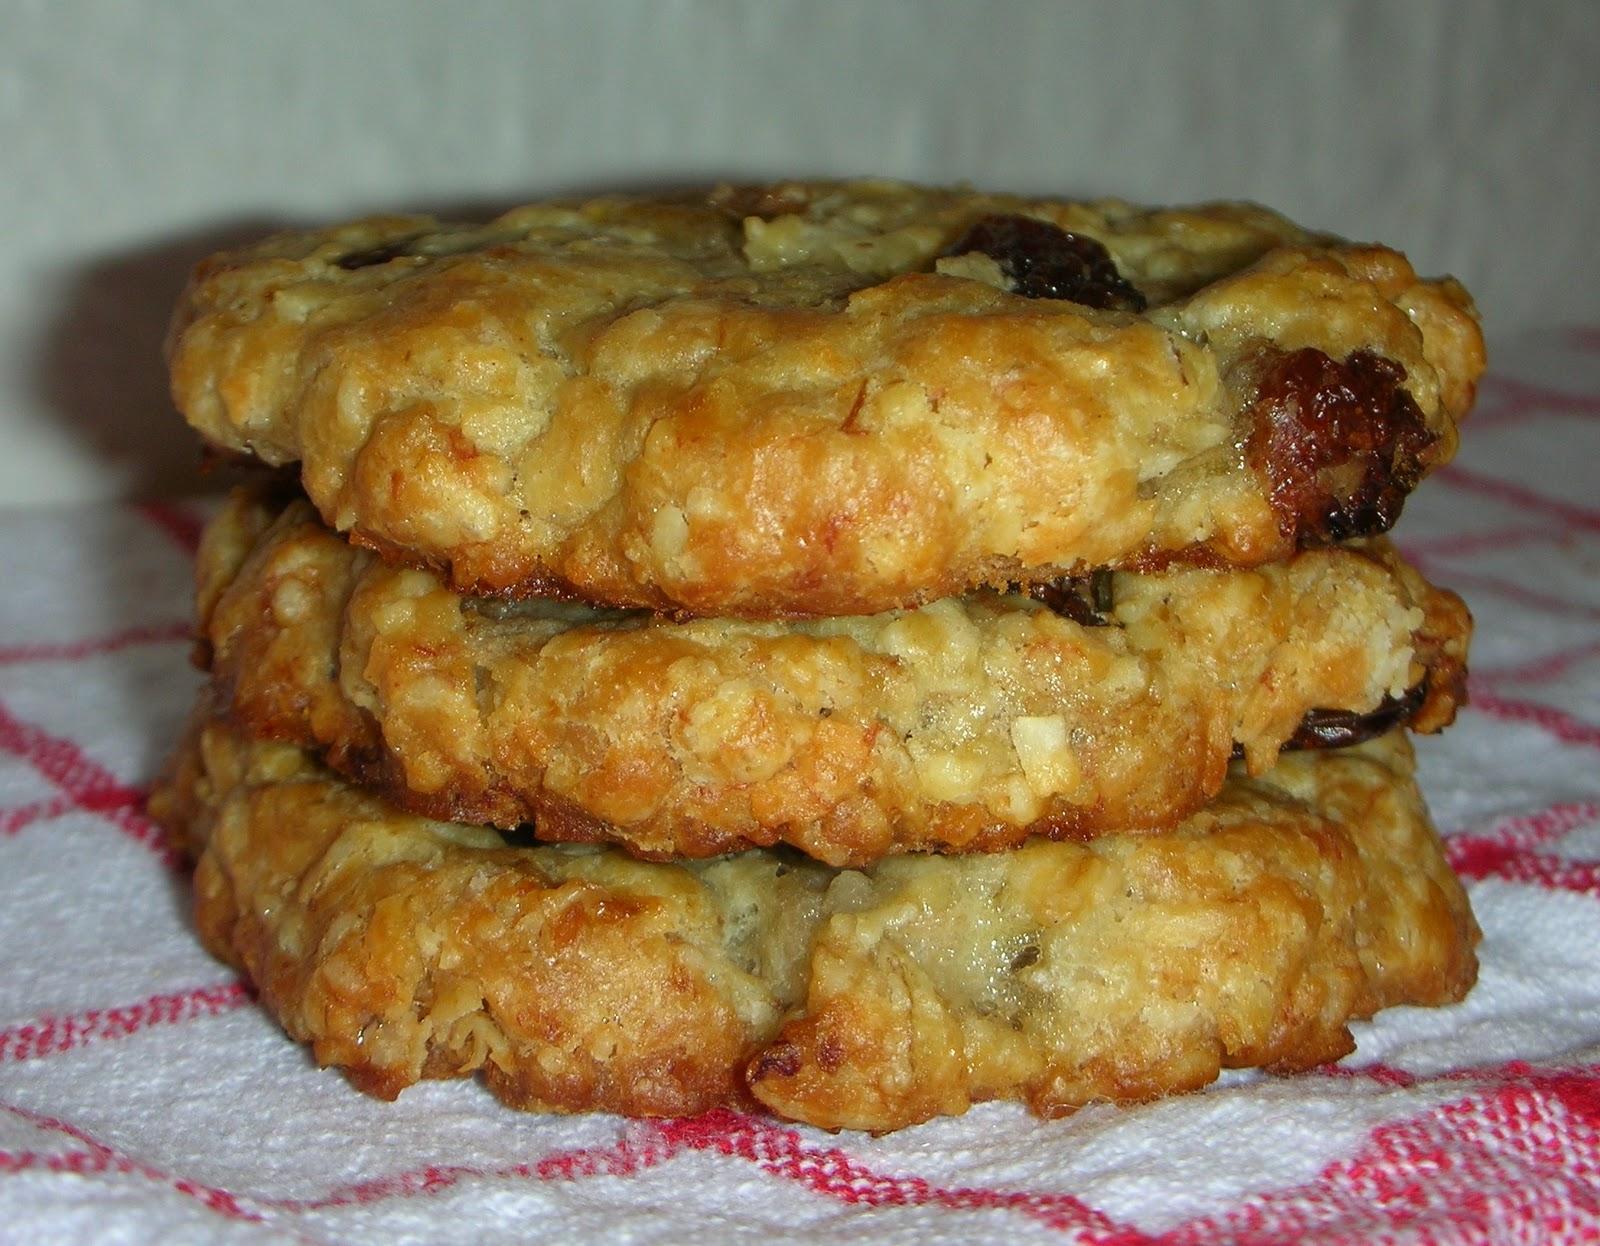 11 Delicious Sugar Free Cookies - Healthy Cookie Recipes |Sugar Free Cookie Recipes